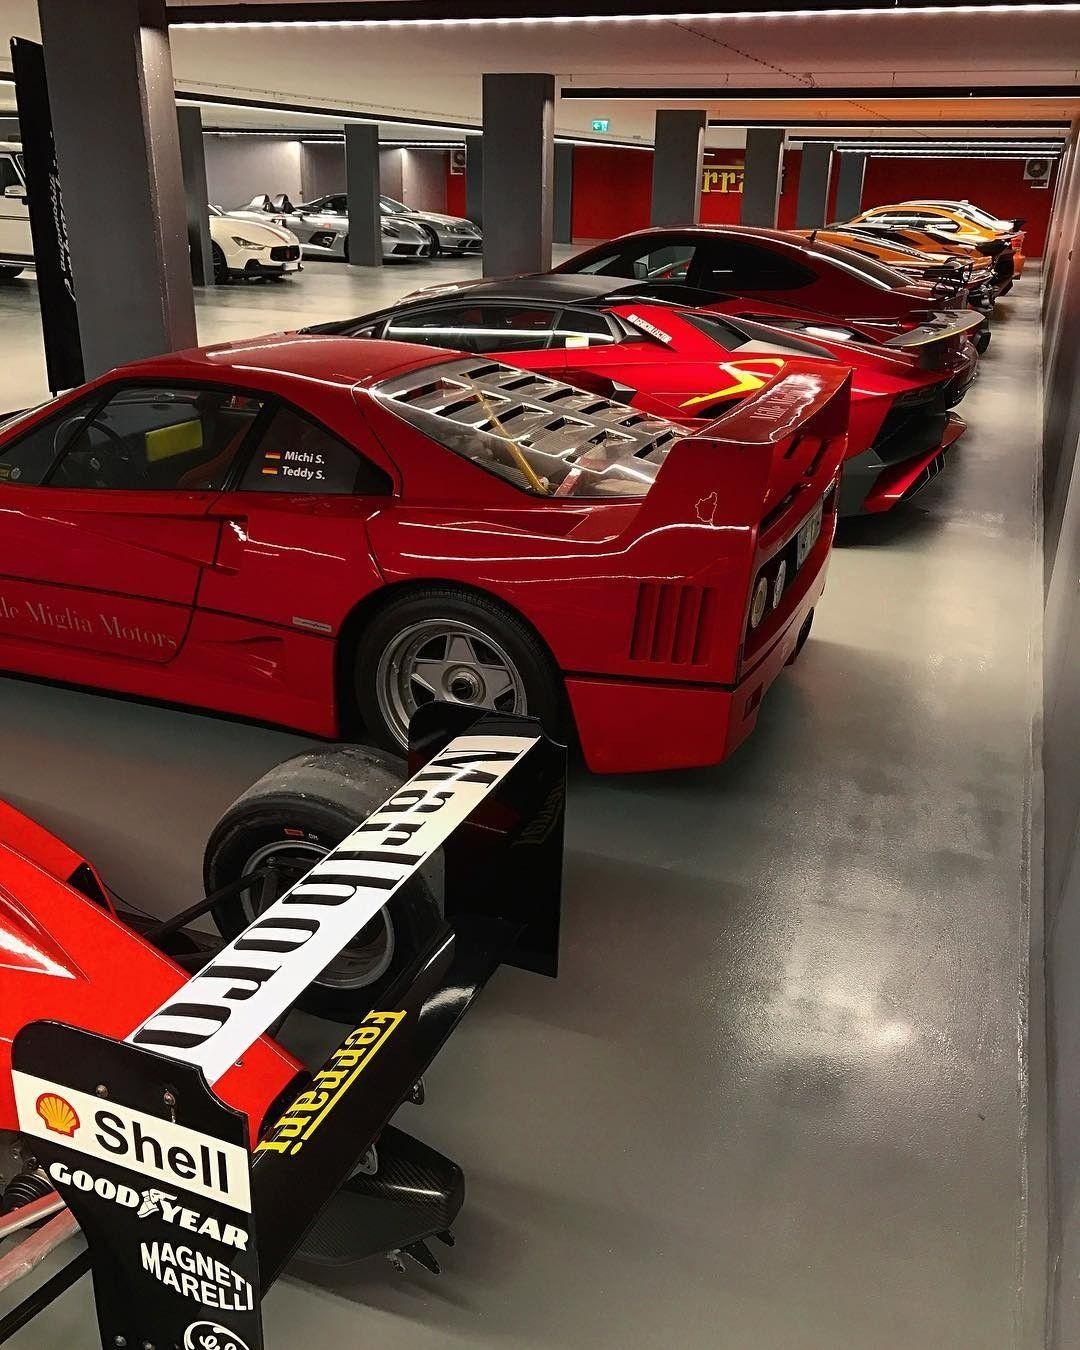 Cars Collector Garages: Garage, Dream Garage, Cars